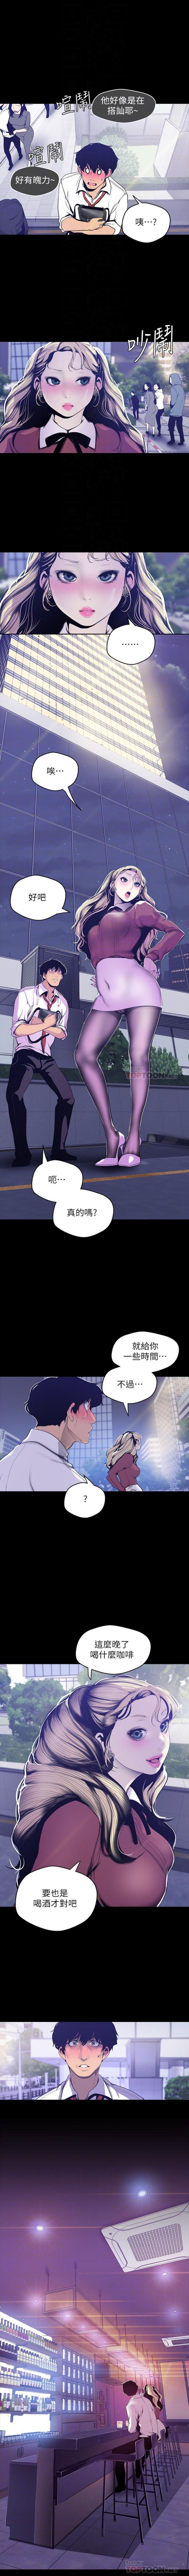 美麗新世界 1-85 官方中文(連載中) 539